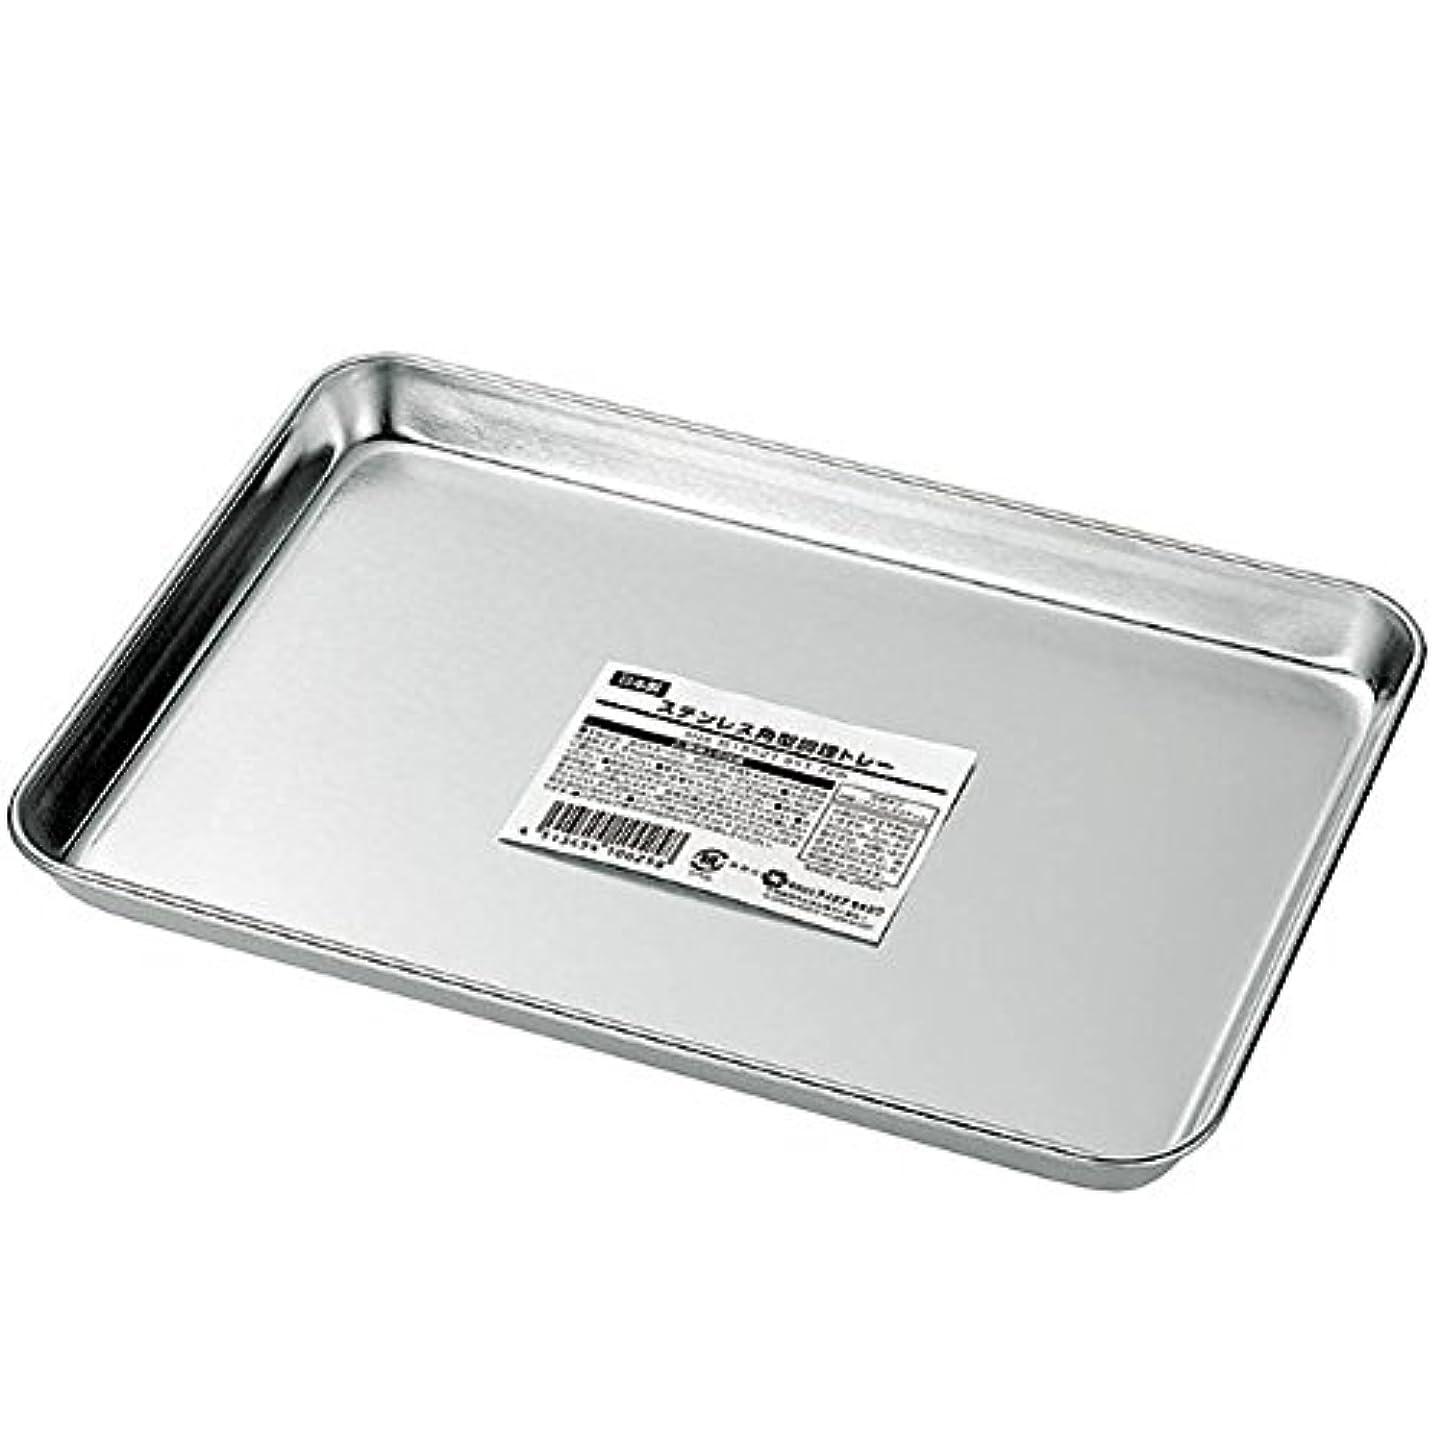 フォーク有名な騒々しいエコー金属 ステンレス角型調理トレー 0321-099